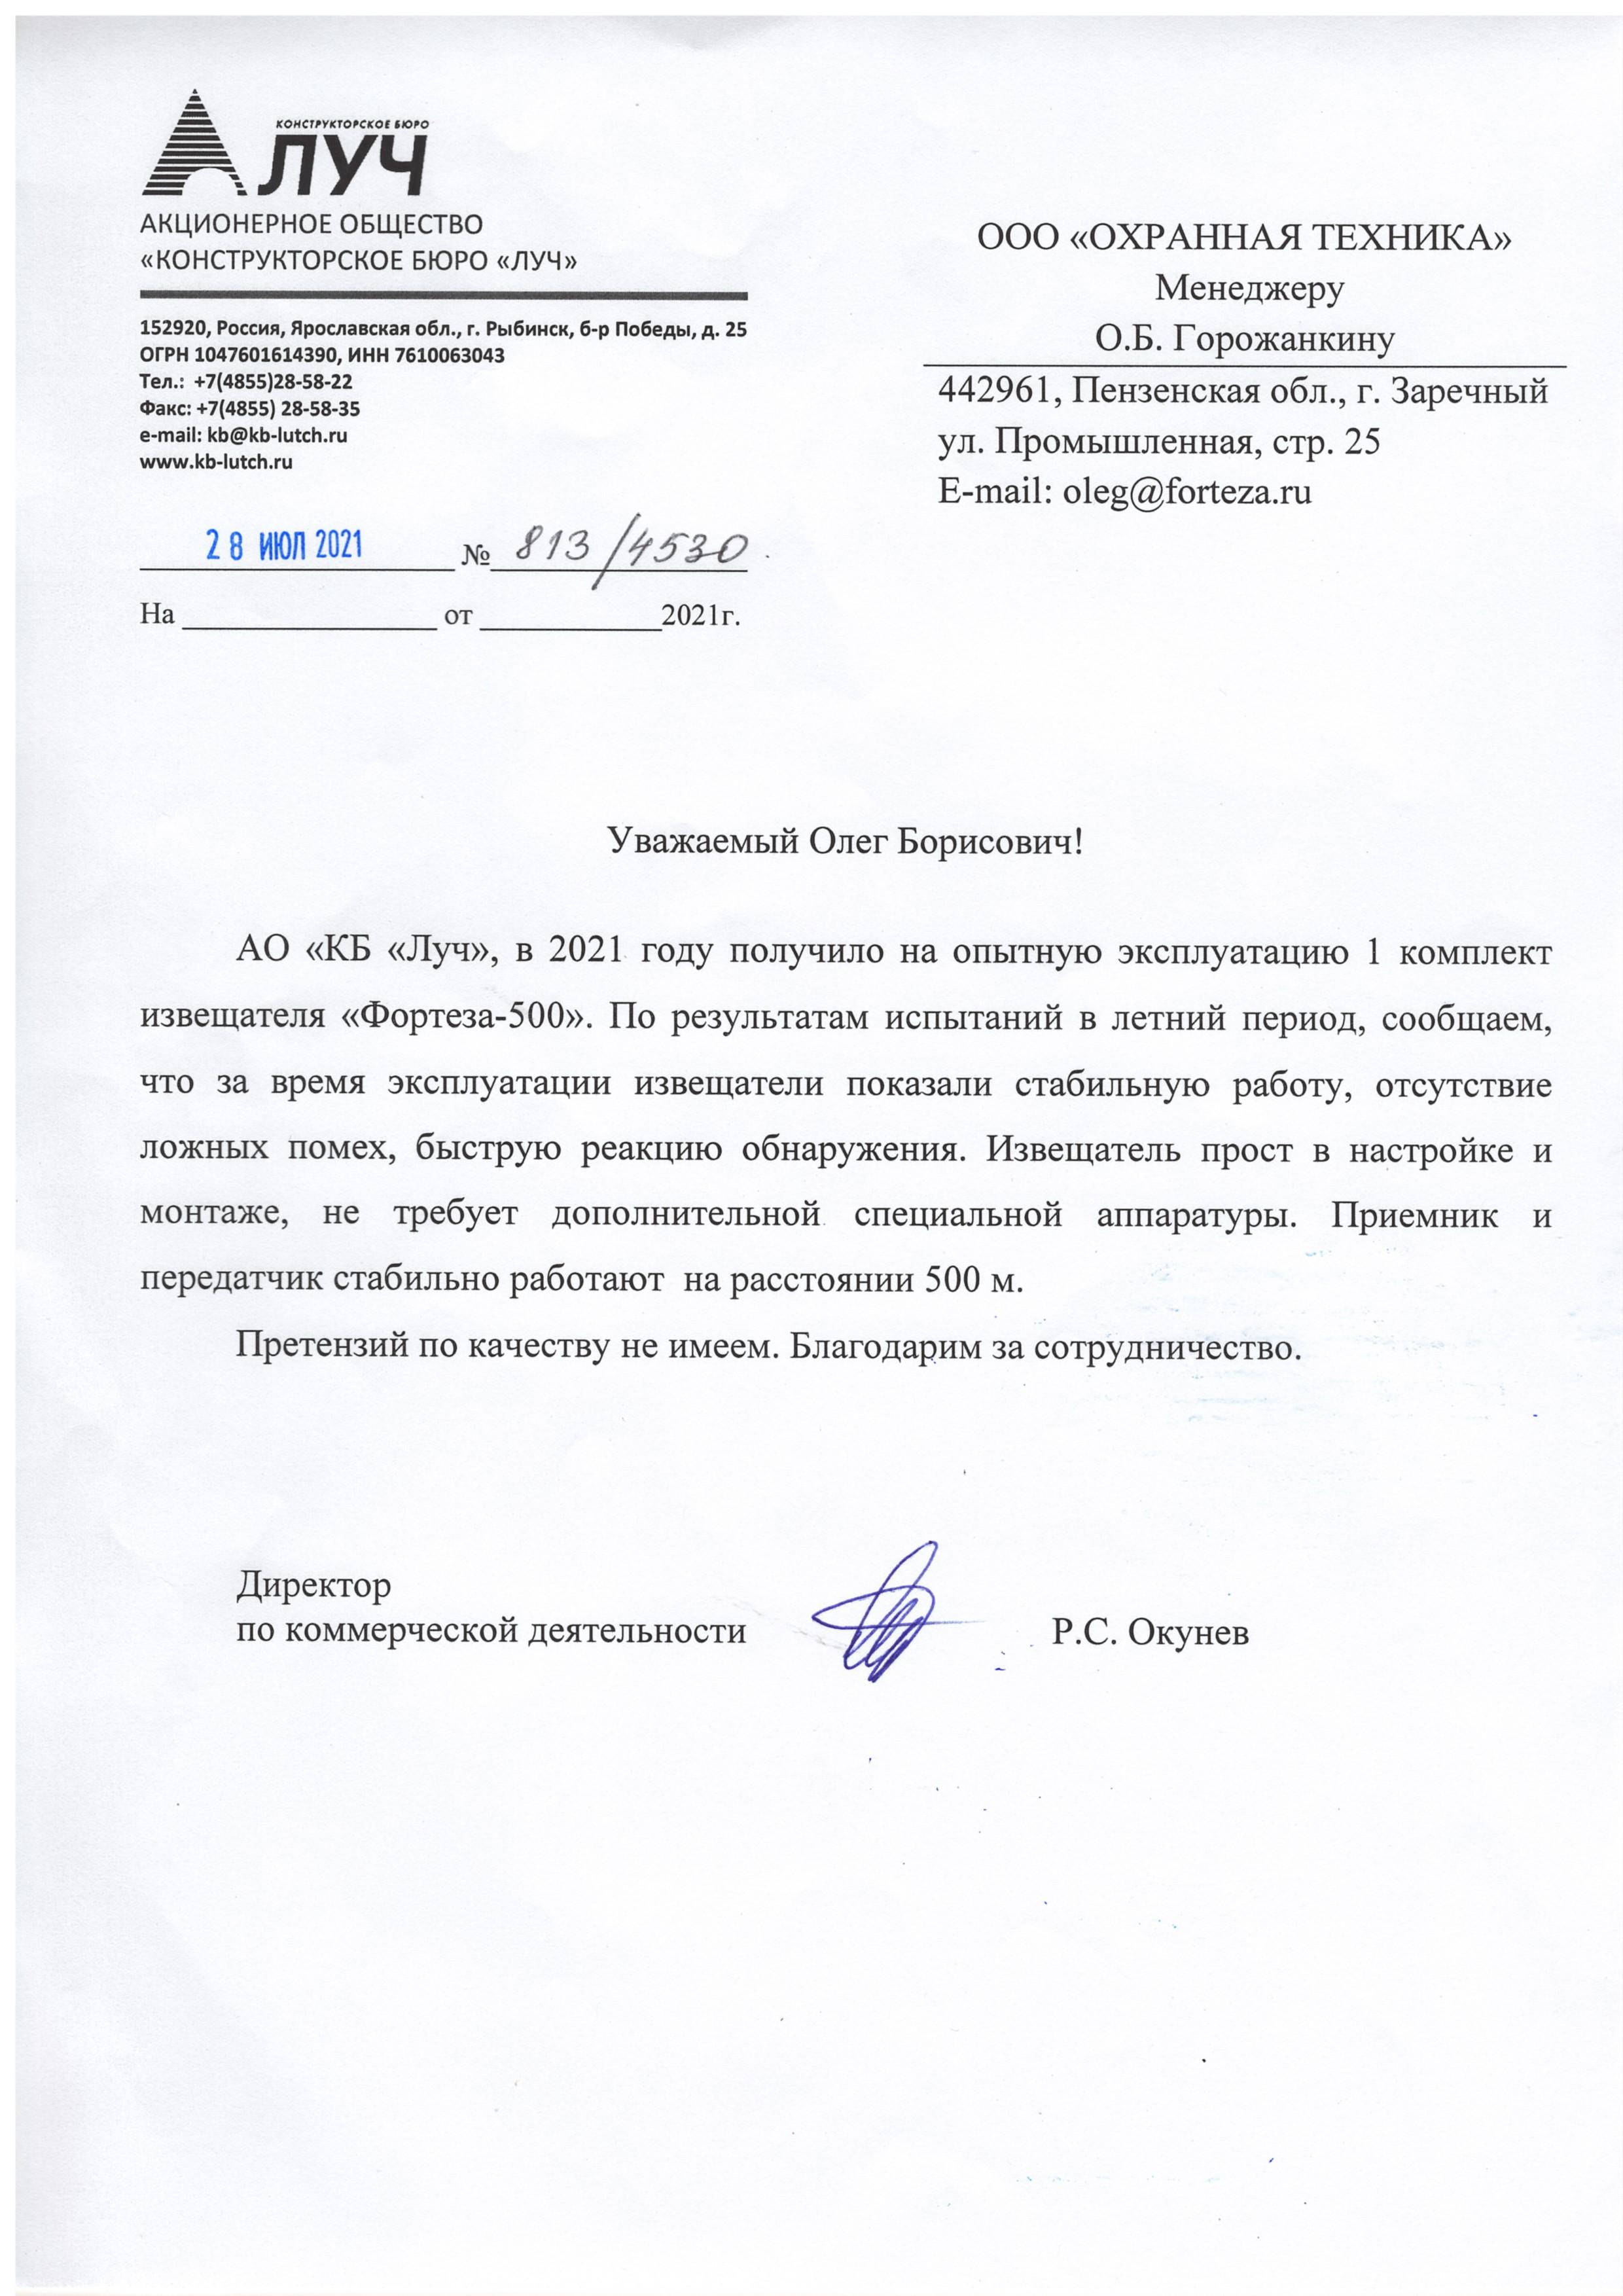 Отзыв от АО «Конструкторское бюро «ЛУЧ»